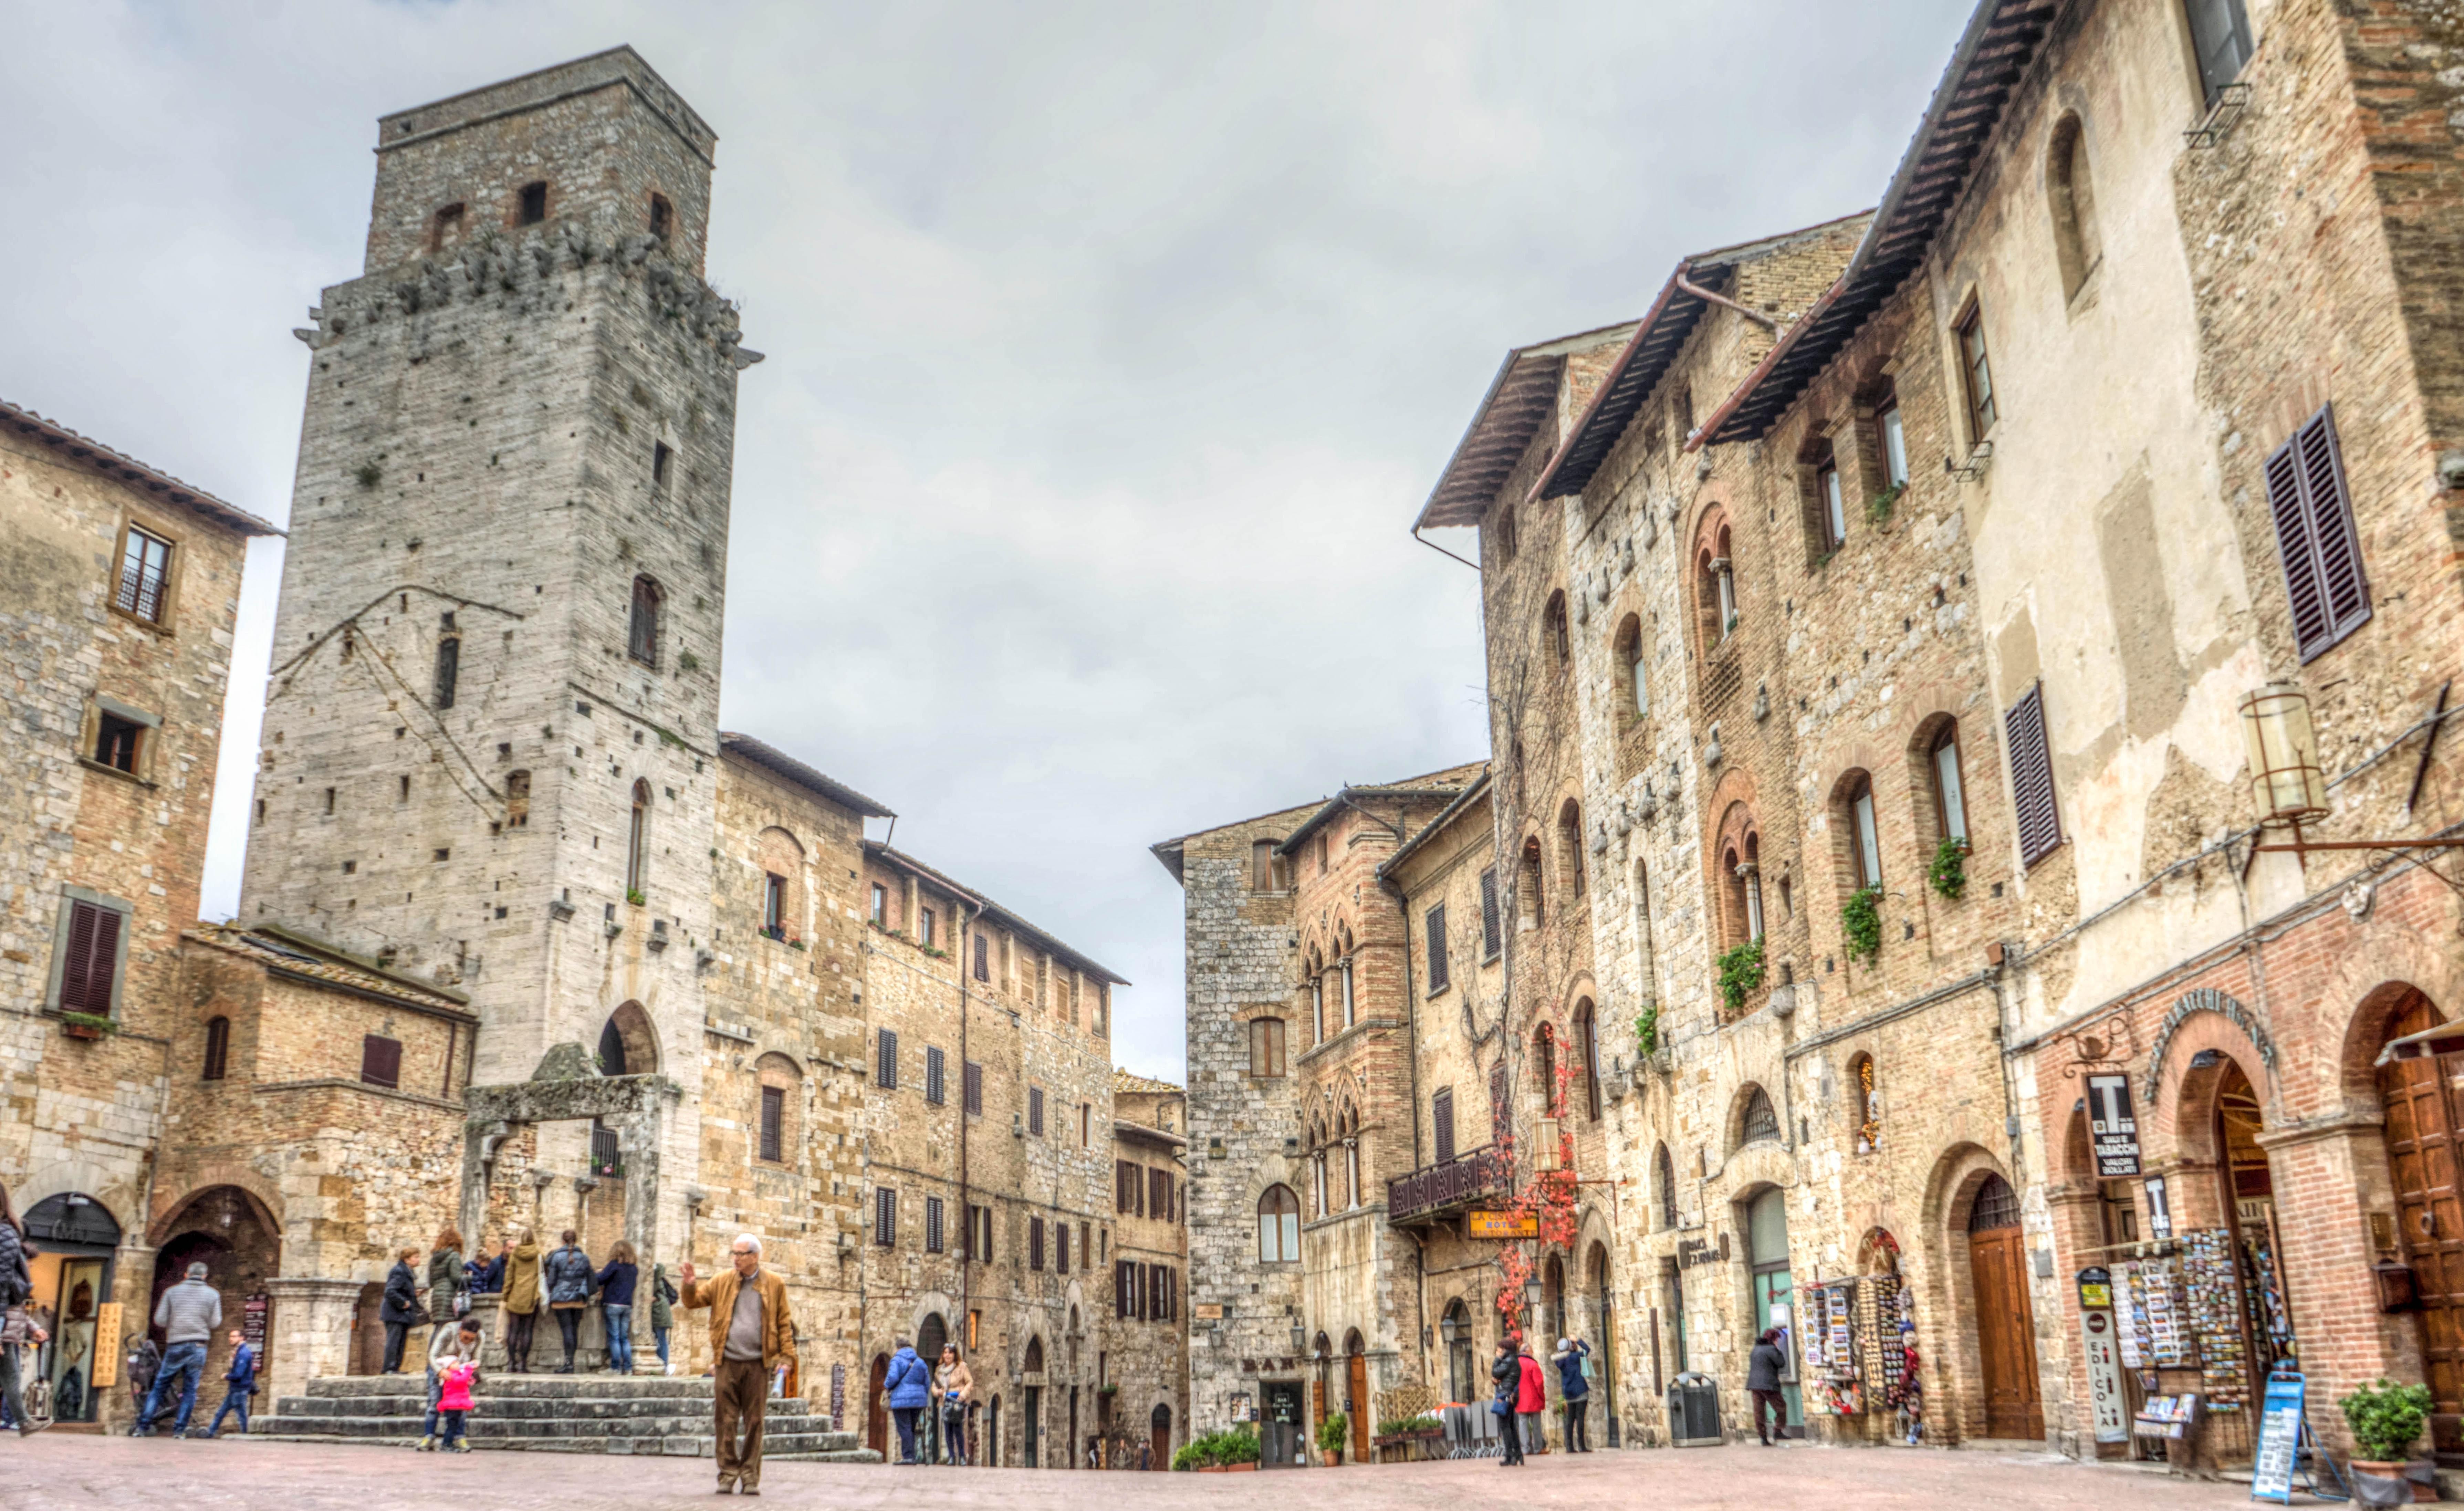 просто яркий фото средневековой площади в италии считают